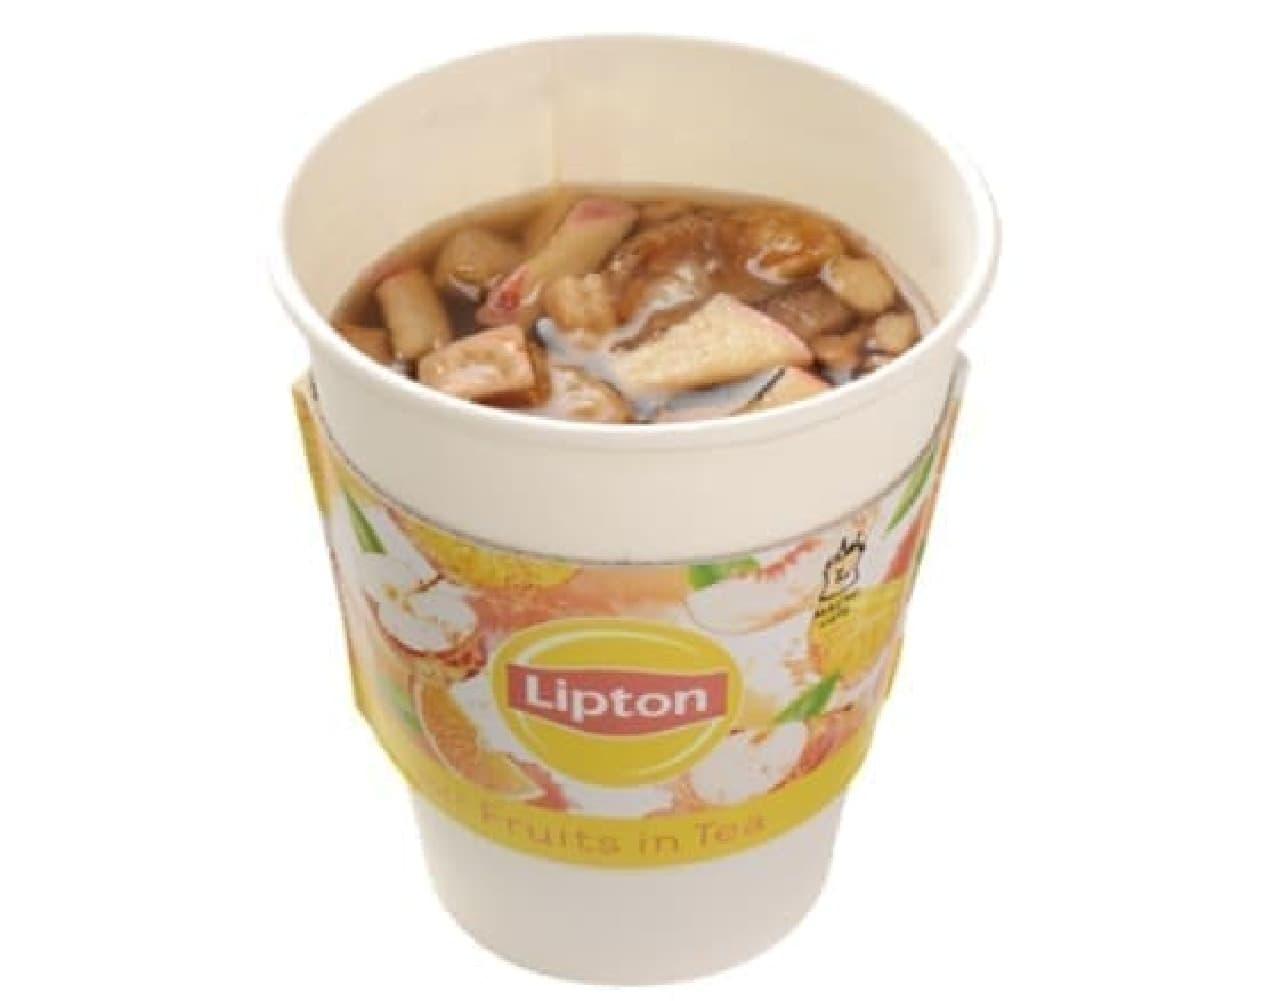 ローソン「MACHI cafe Lipton ホットフルーツインティー」